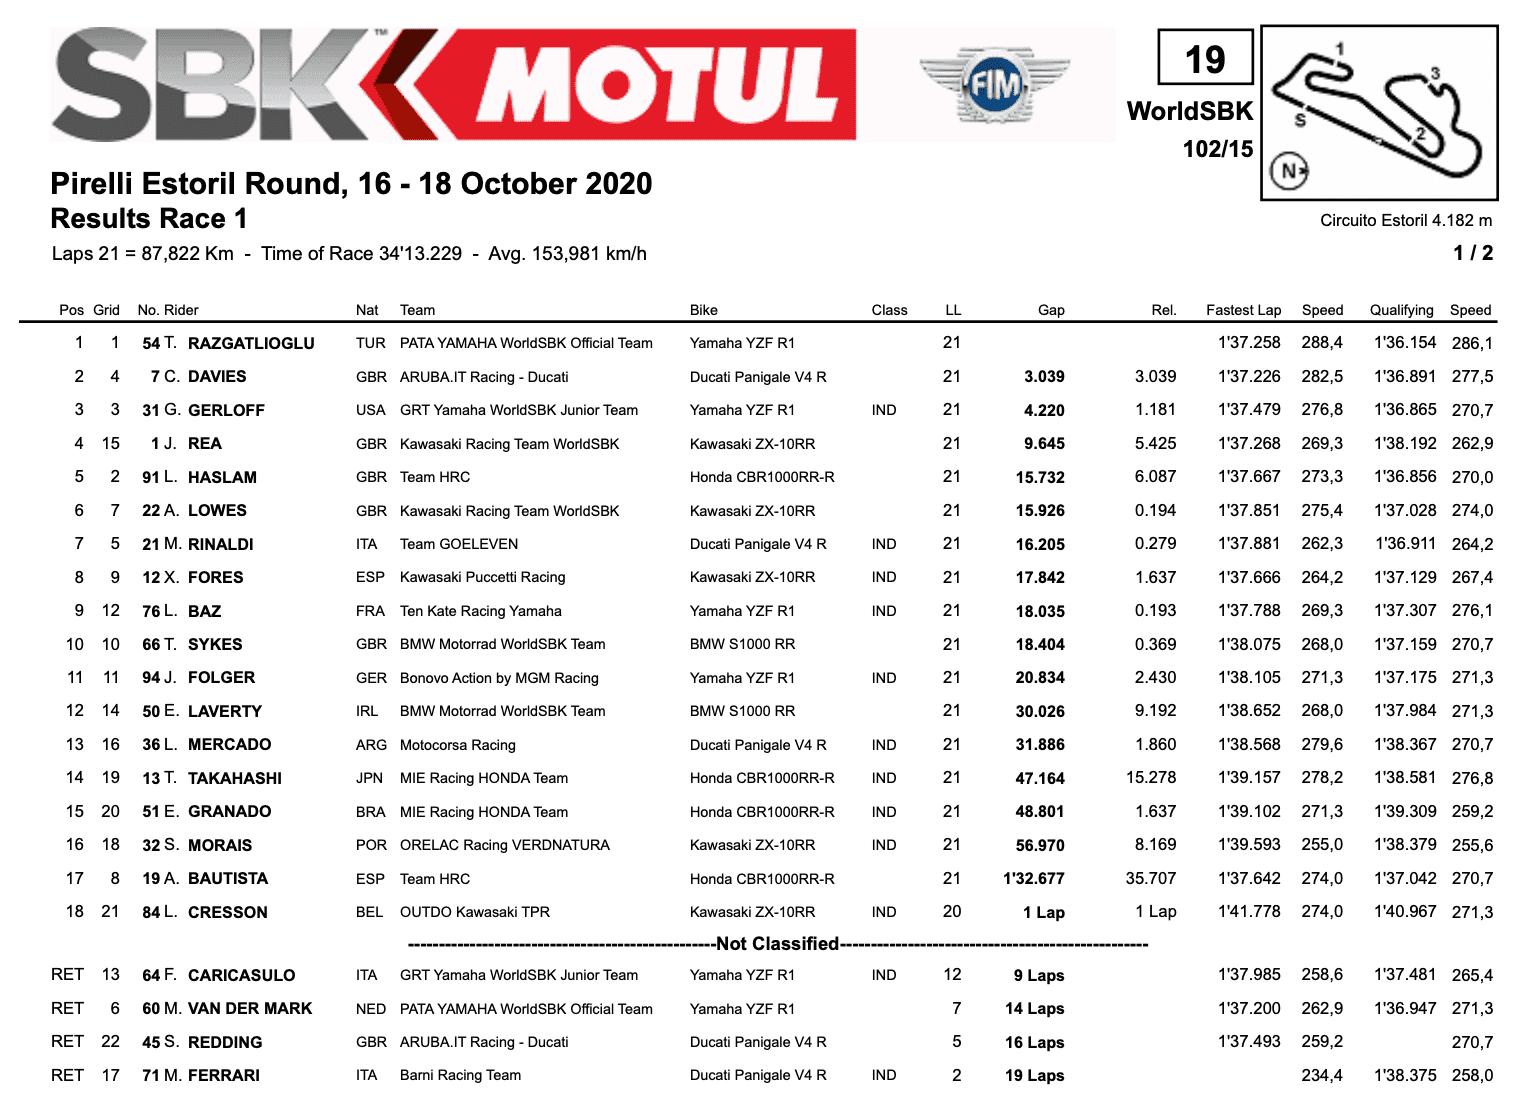 FIM スーパーバイク世界選手権(SBK)エストリル戦 レース1結果